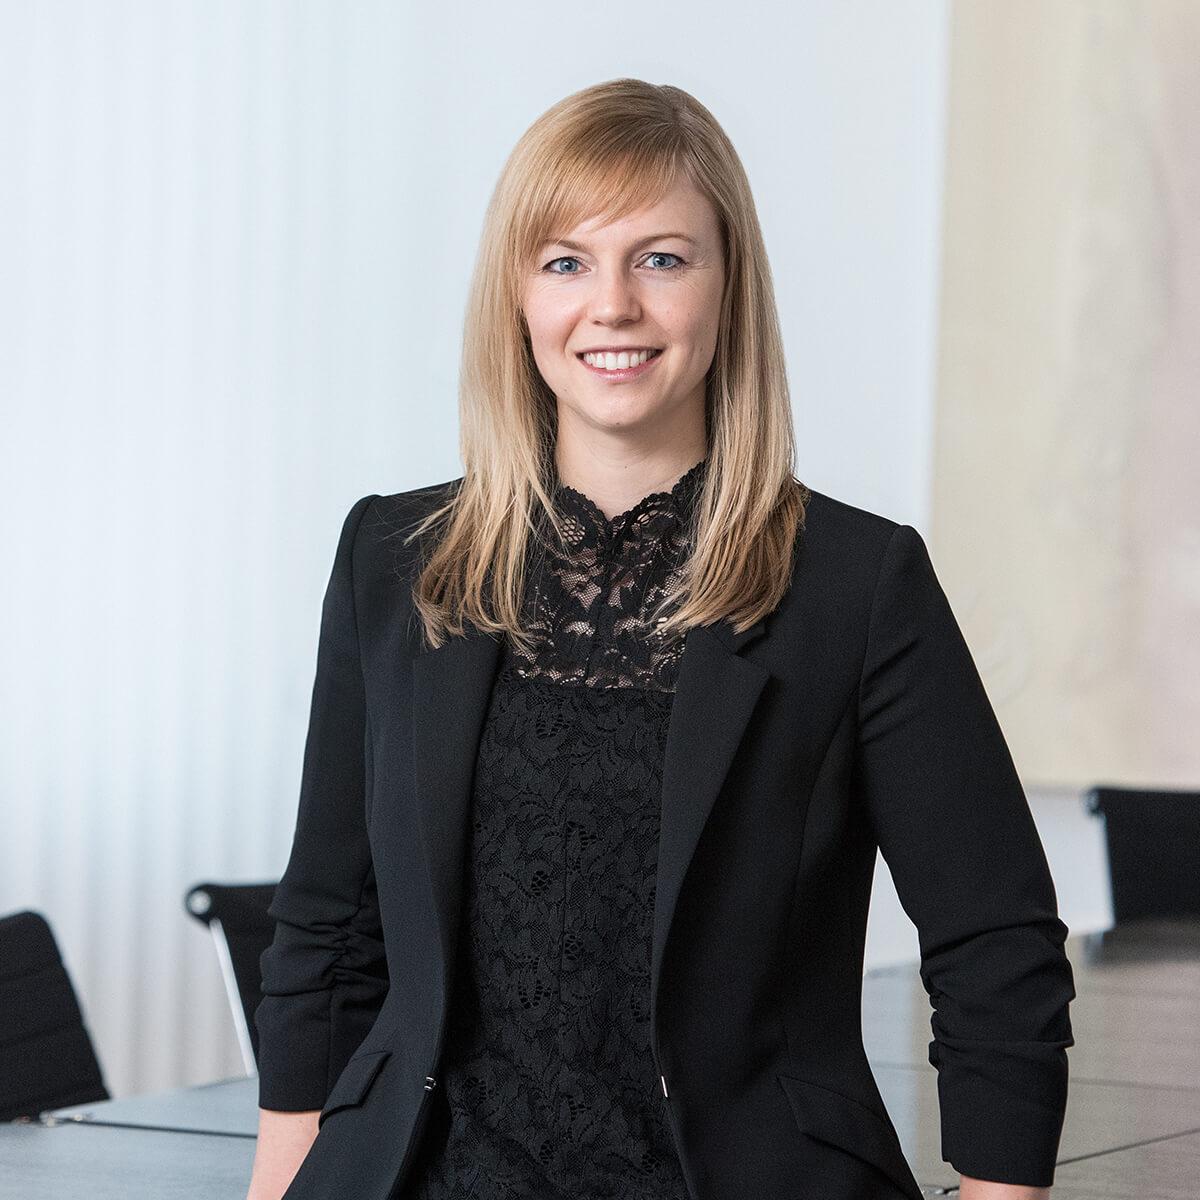 Yvonne Römkens